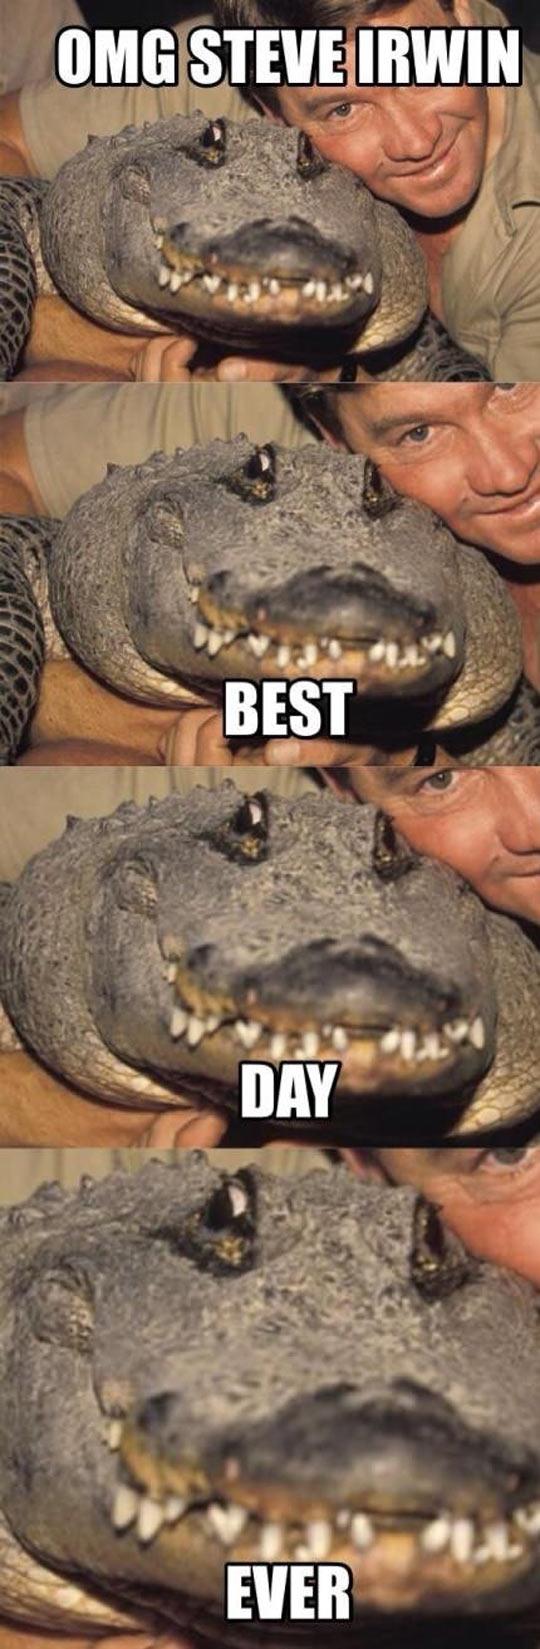 cool-alligator-Steve-Irwin-fan